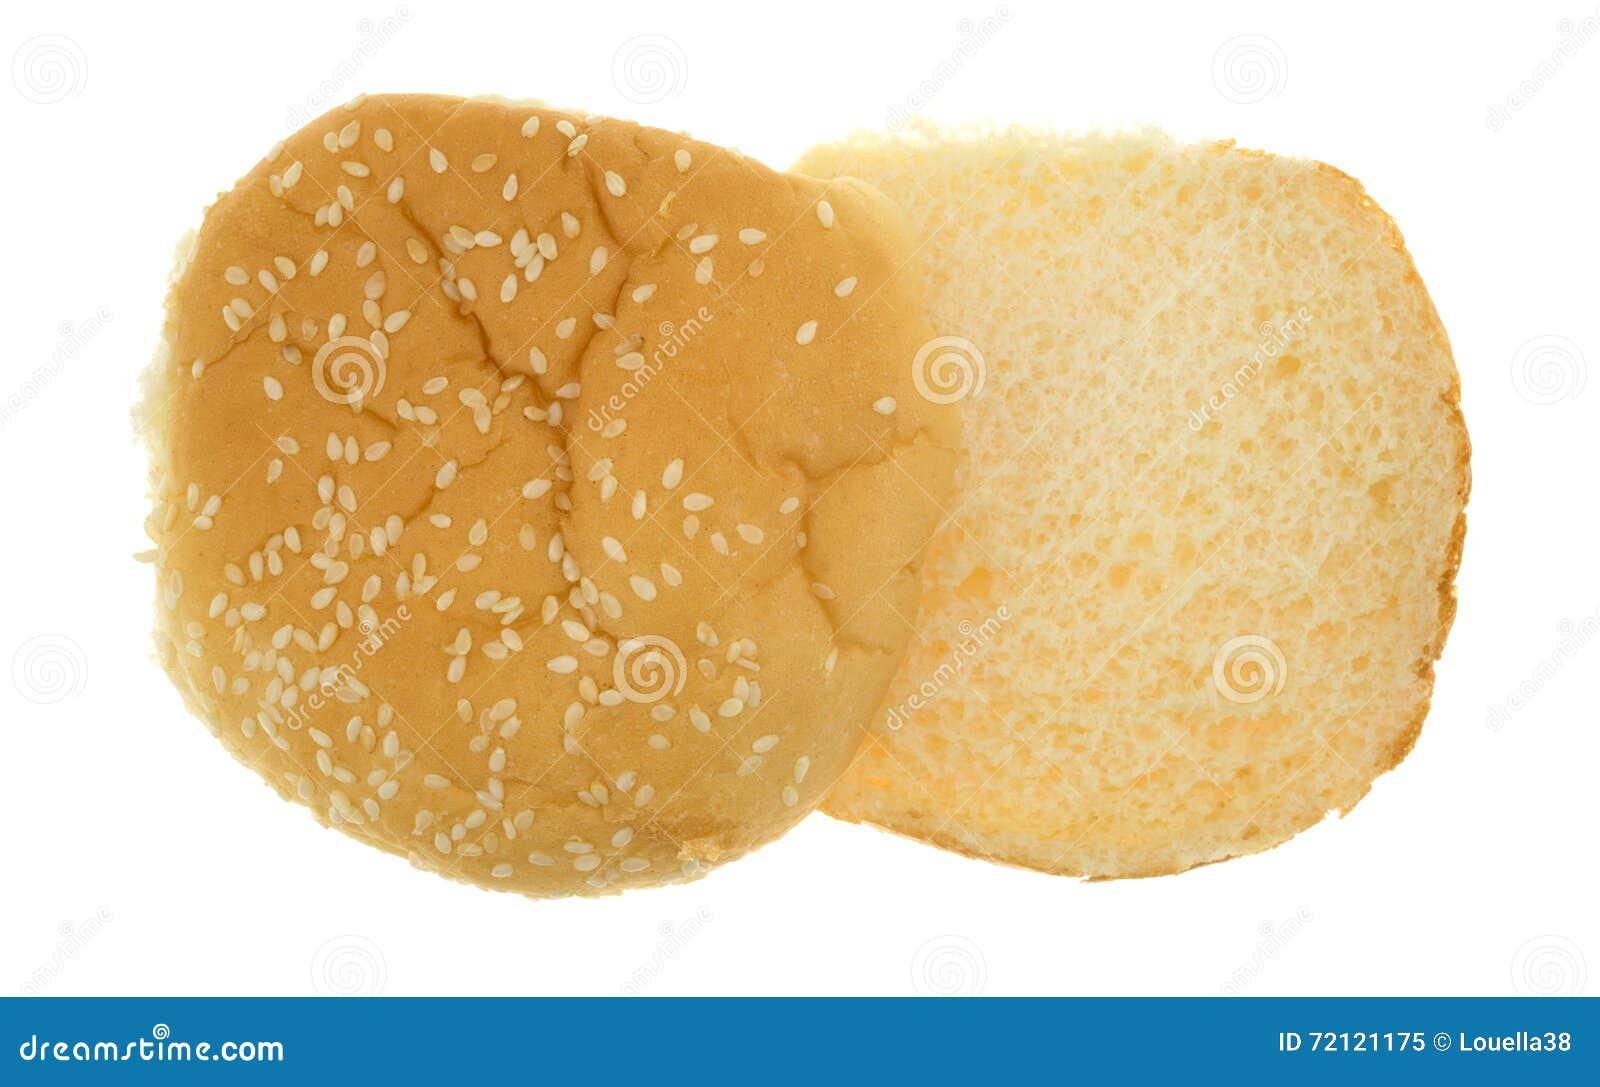 1300 x 900 jpeg 114kBHamburger